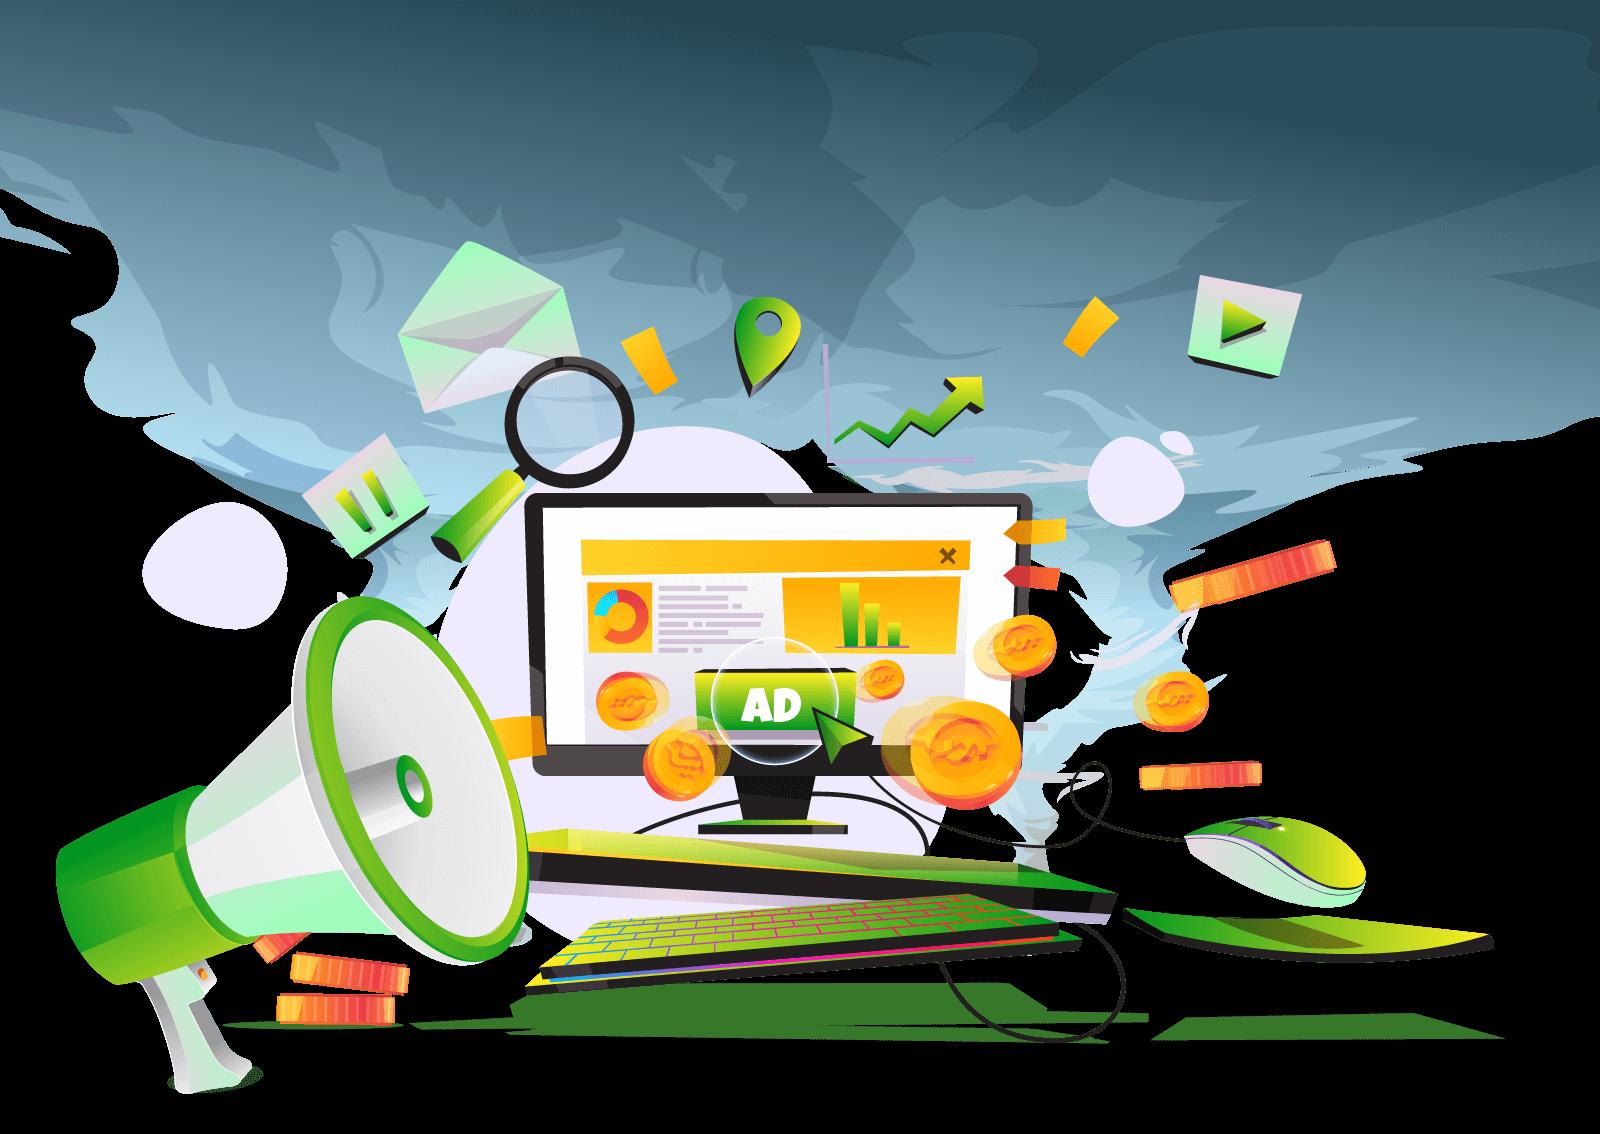 Ilustracija megafona i kompjutera koji aludiraju na to kako oglašavanje i Google AdSense može doneti zaradu